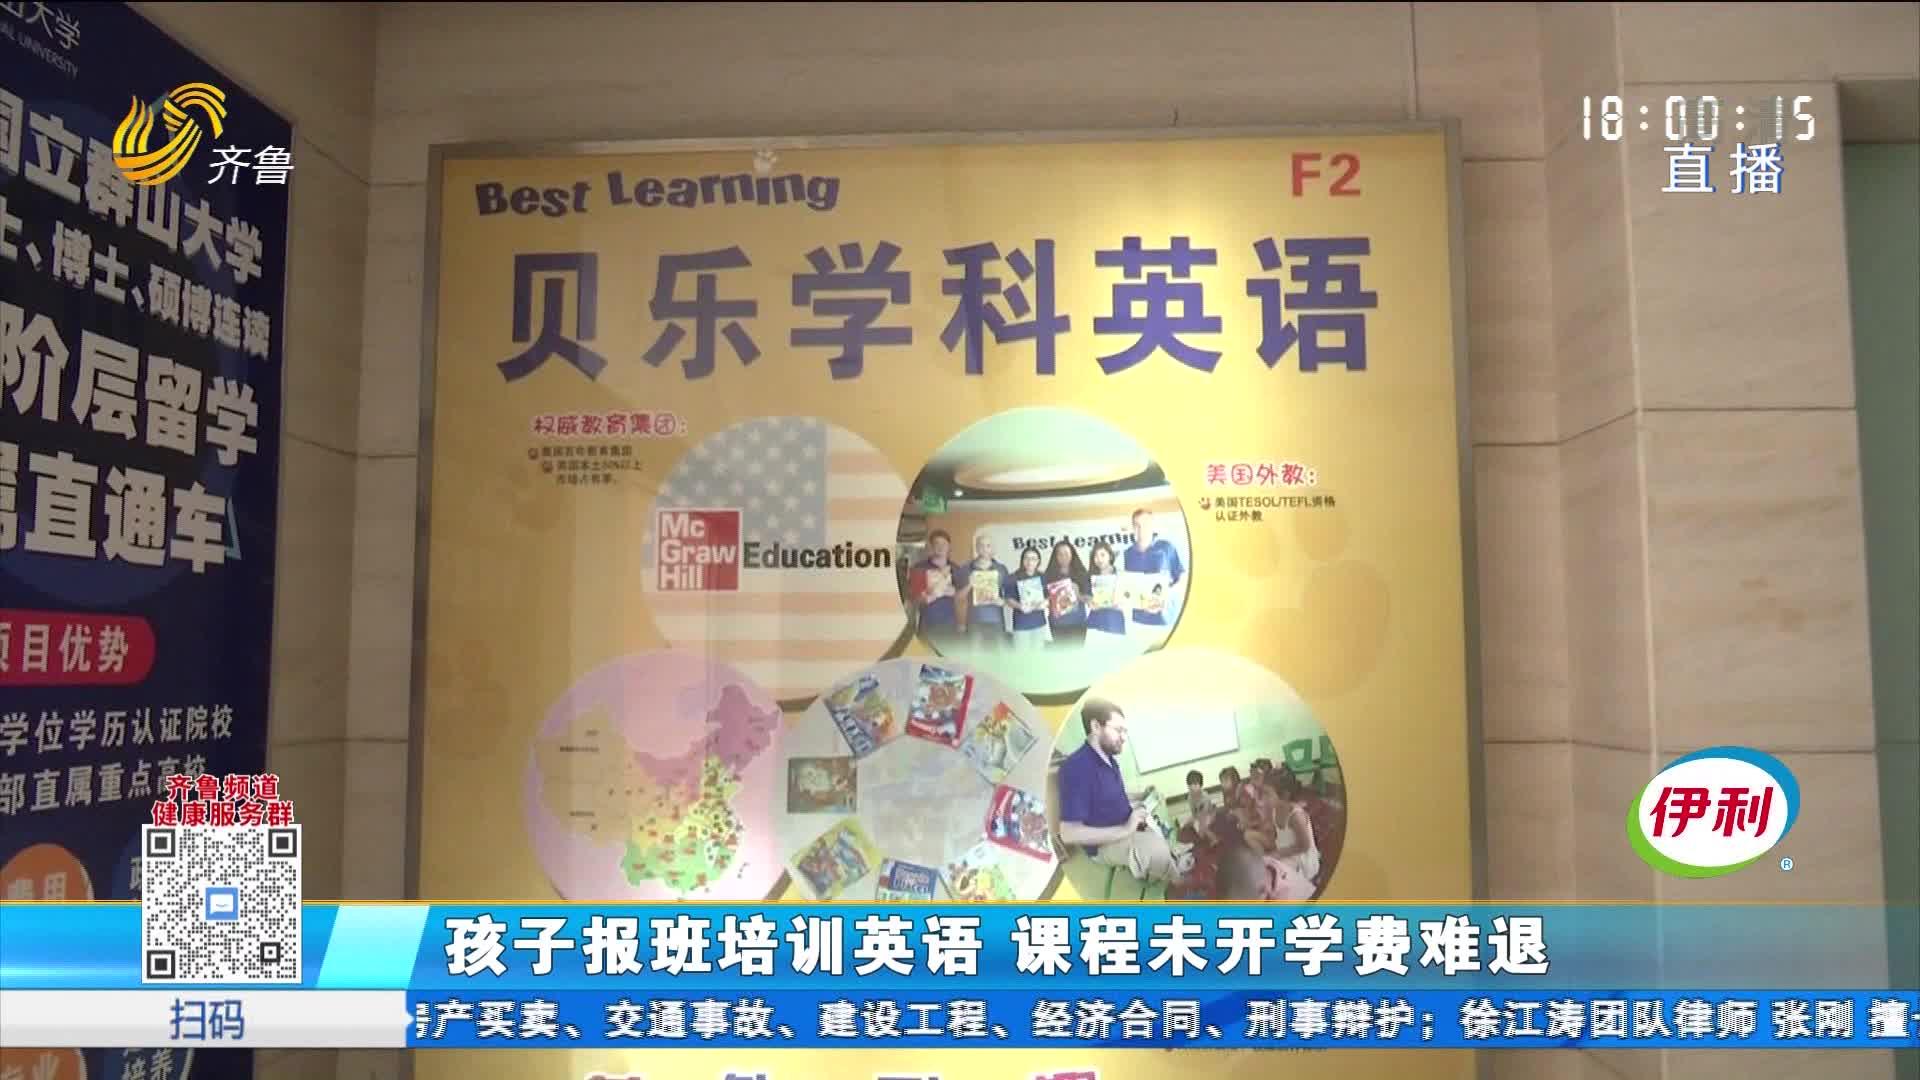 孩子报班培训英语 课程未开学费难退